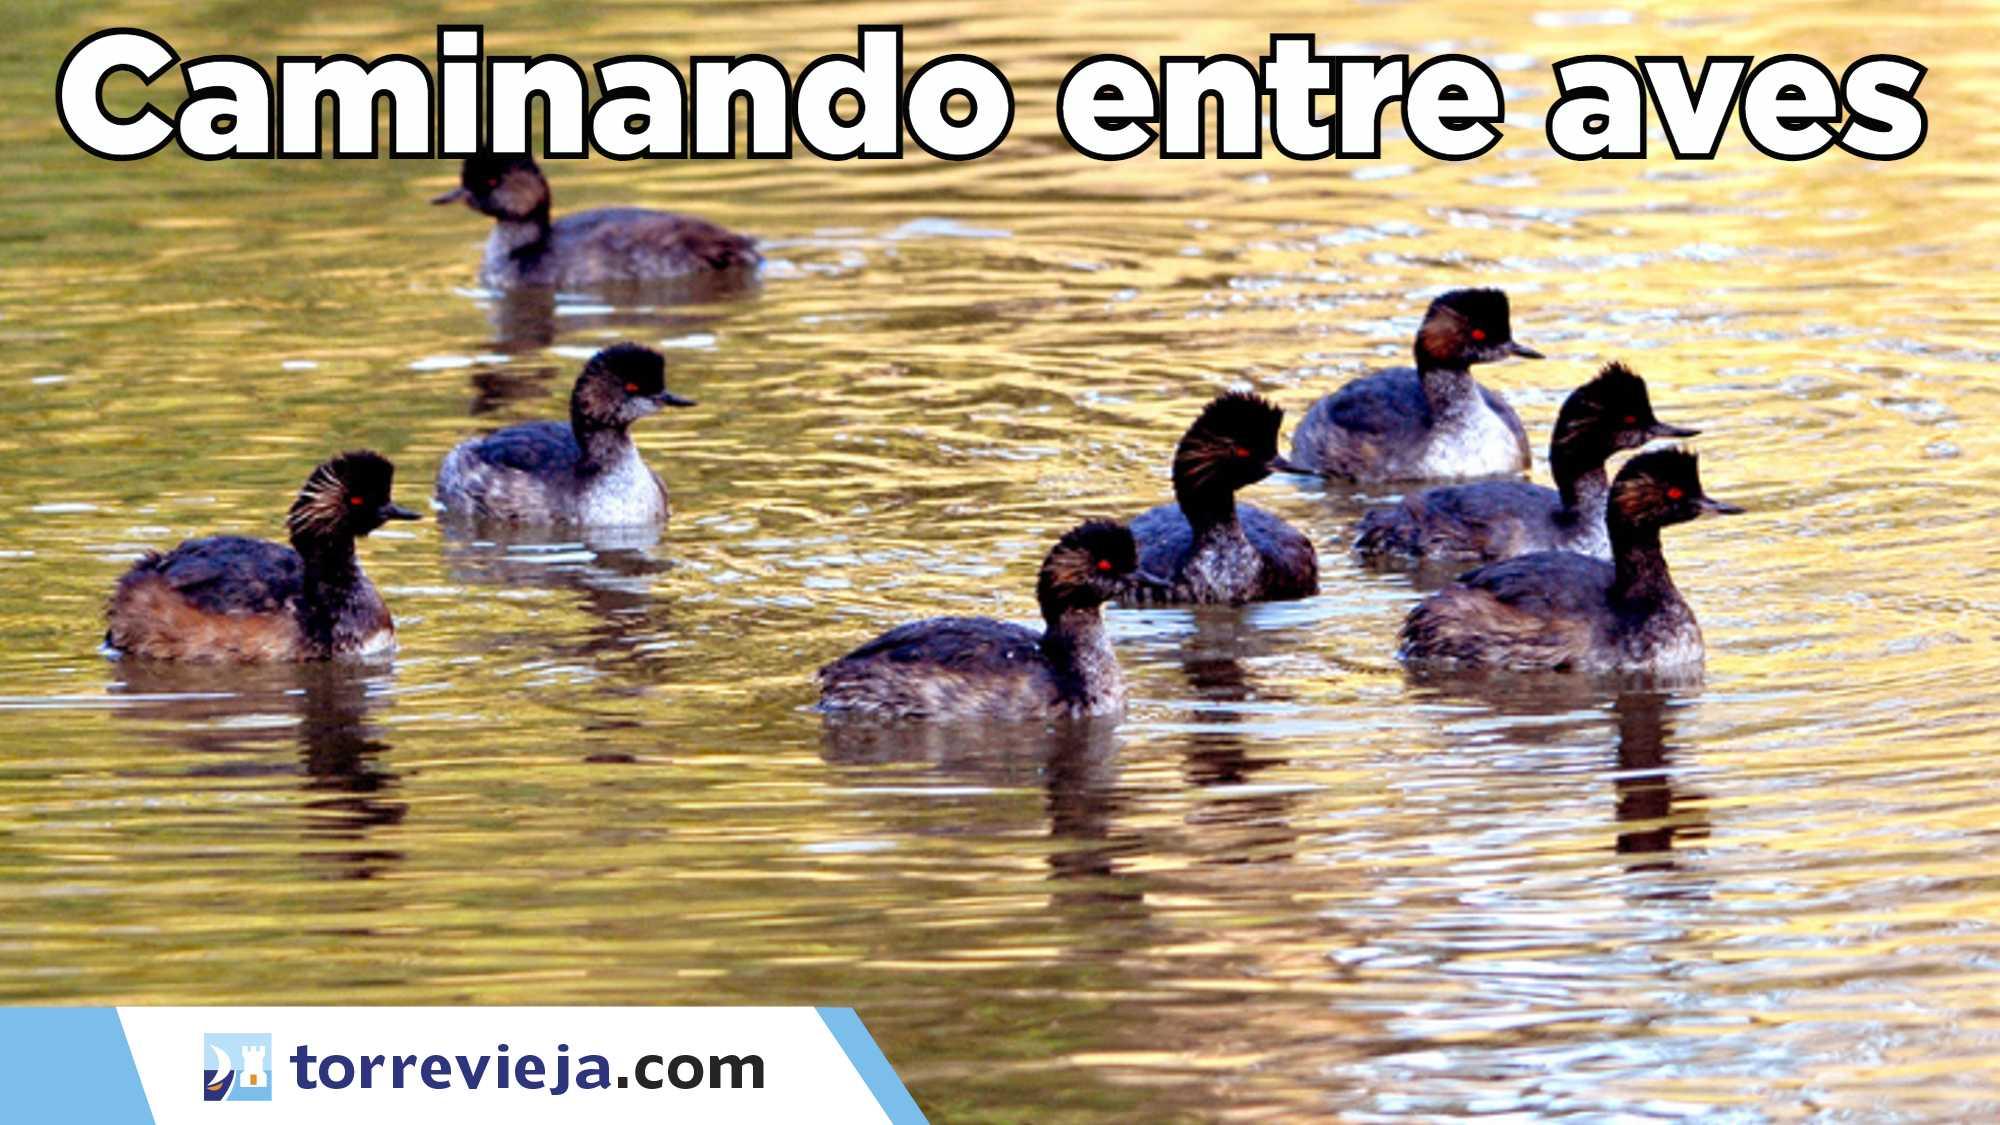 Caminando entre aves en el parque Natural de La Mata